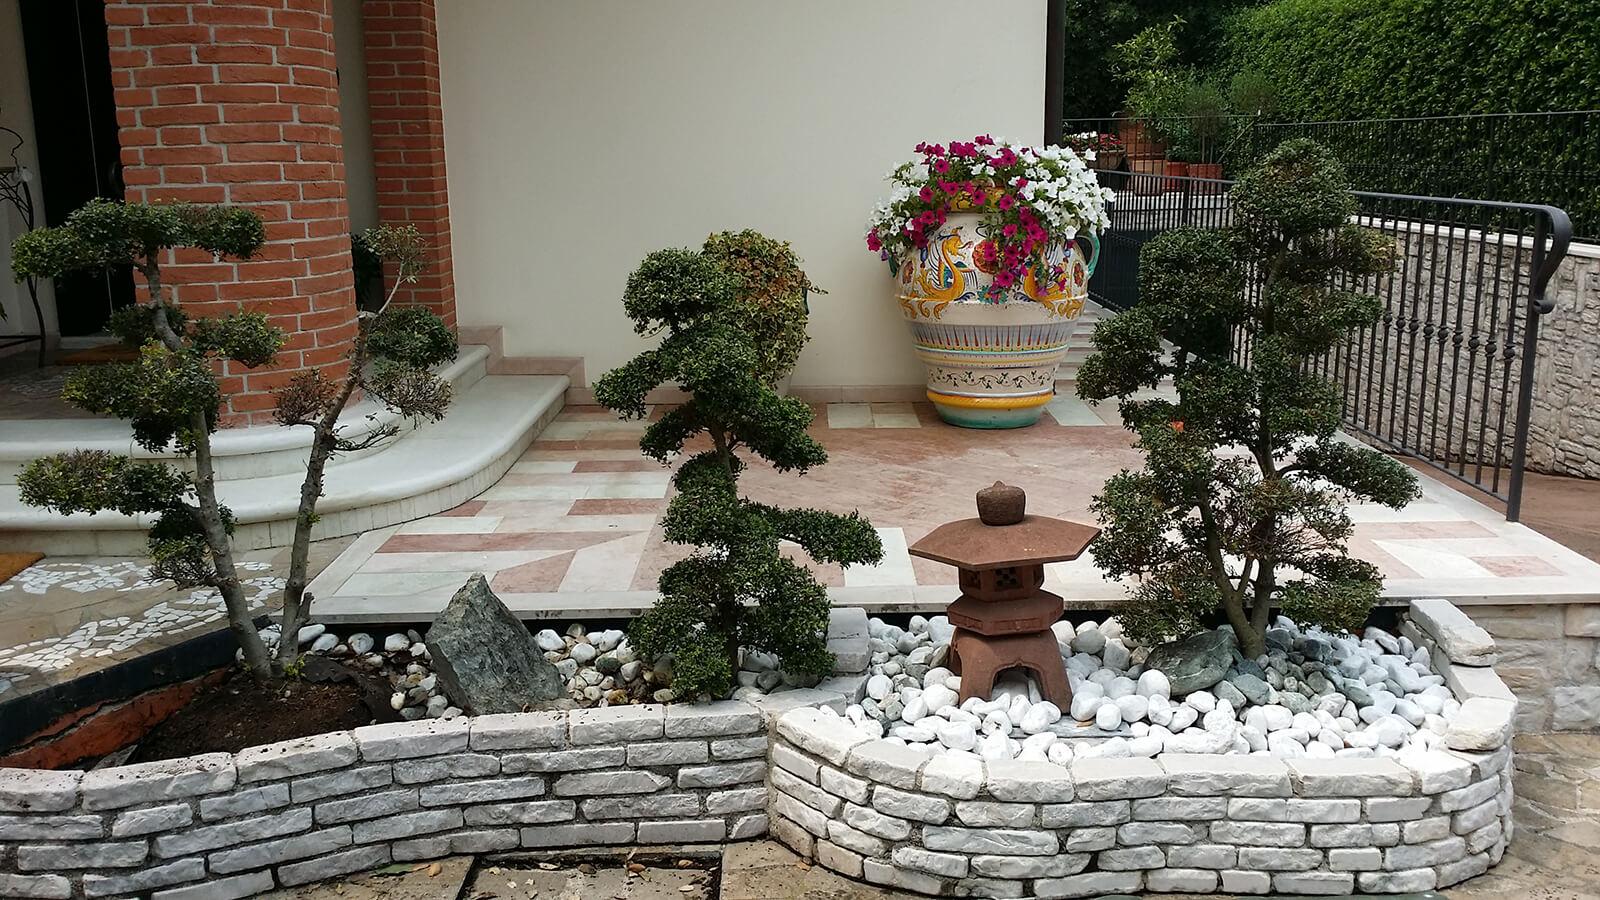 progettazione realizzazione giardini monticello conte otto - verde blu giardini 2